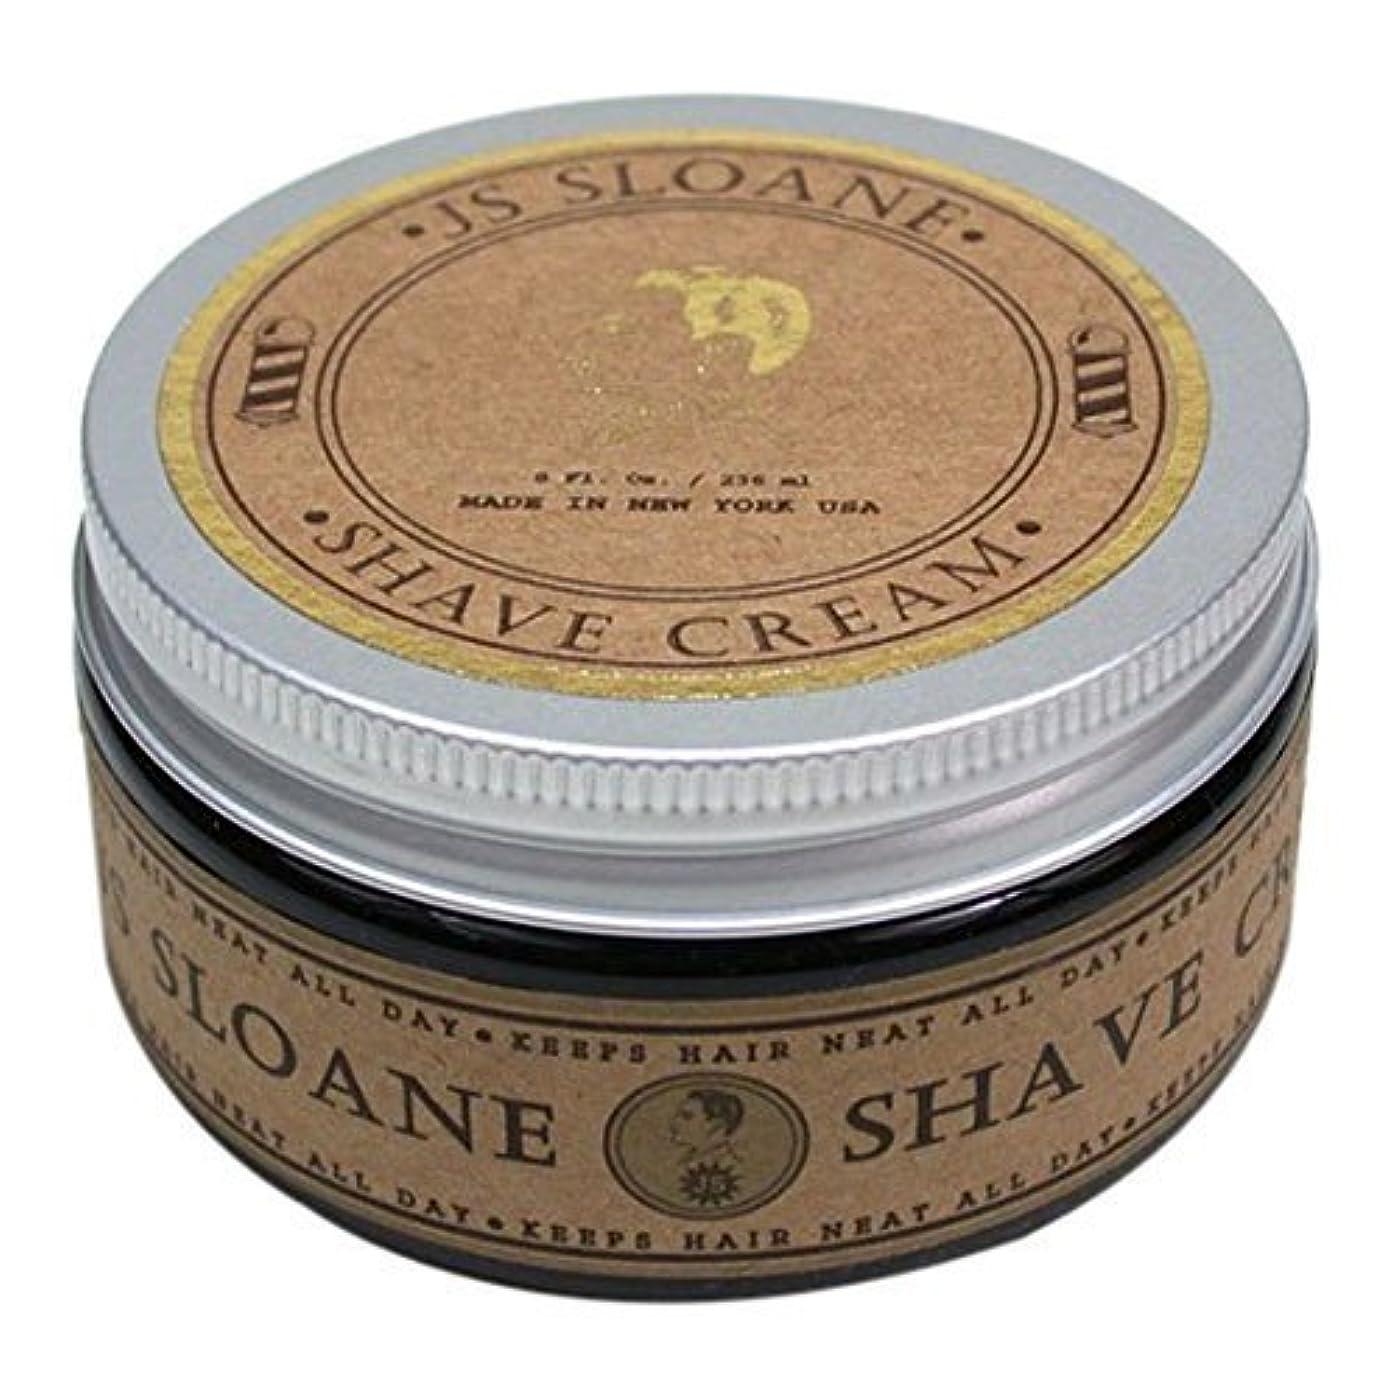 義務的歩行者トーナメントジェイエススローン(JS Sloane) ジェントルマンズ シェーブクリーム Gentlemen's Shave Cream メンズ 髭剃り シェービング クリーム フォーム